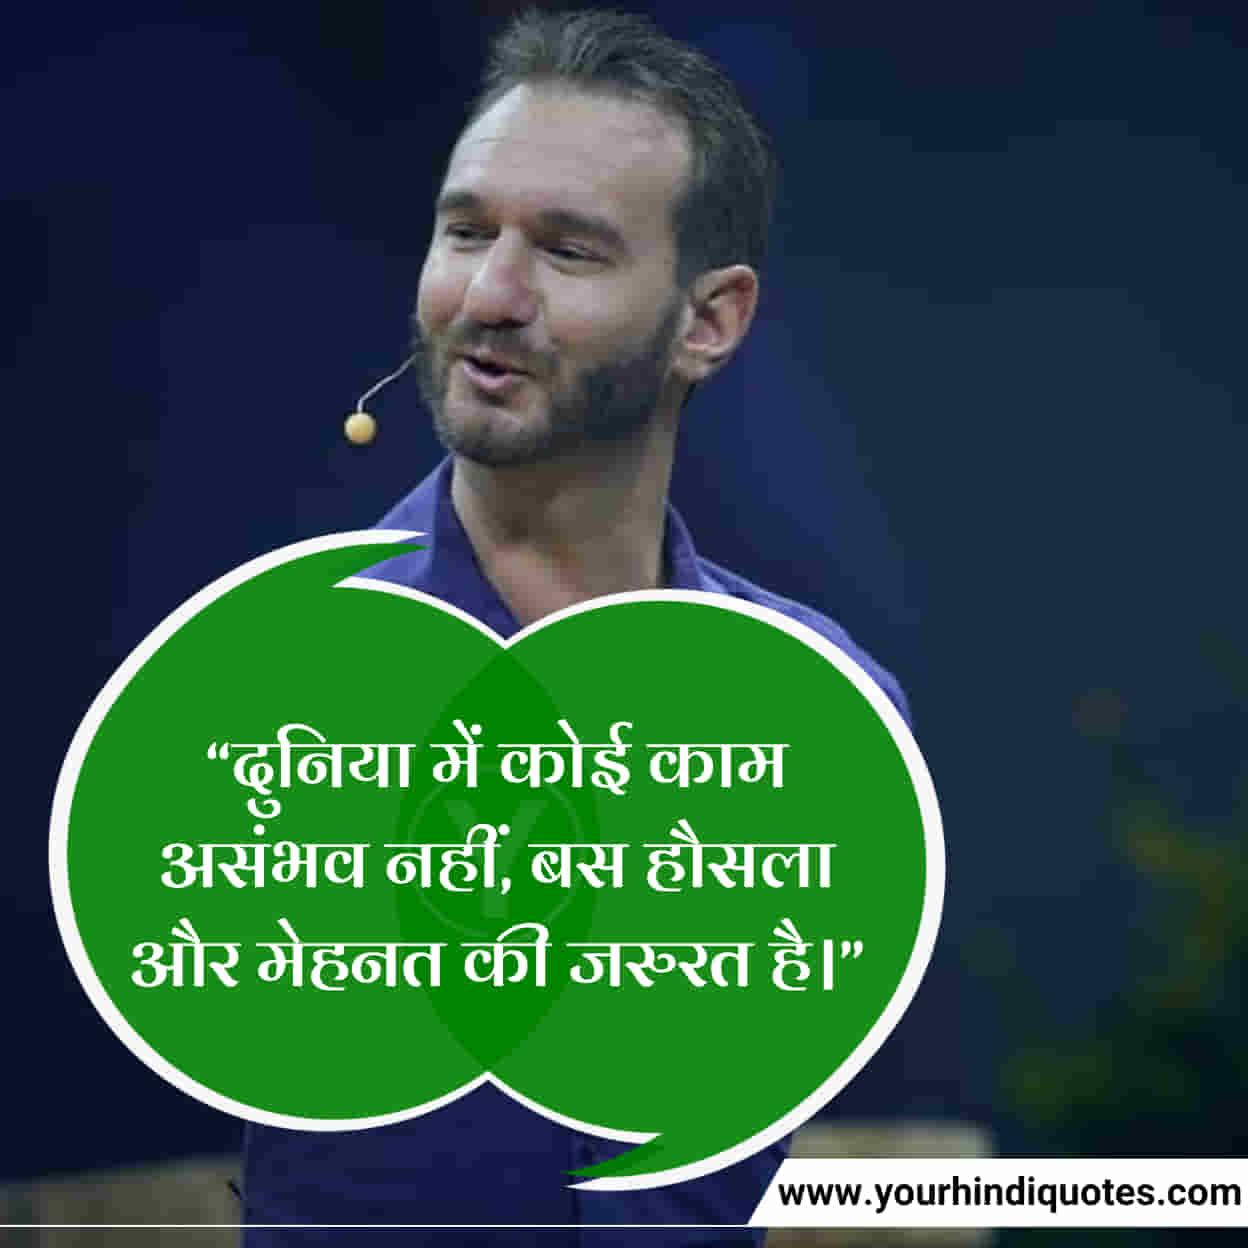 Hindi Motivational Shayari for Students